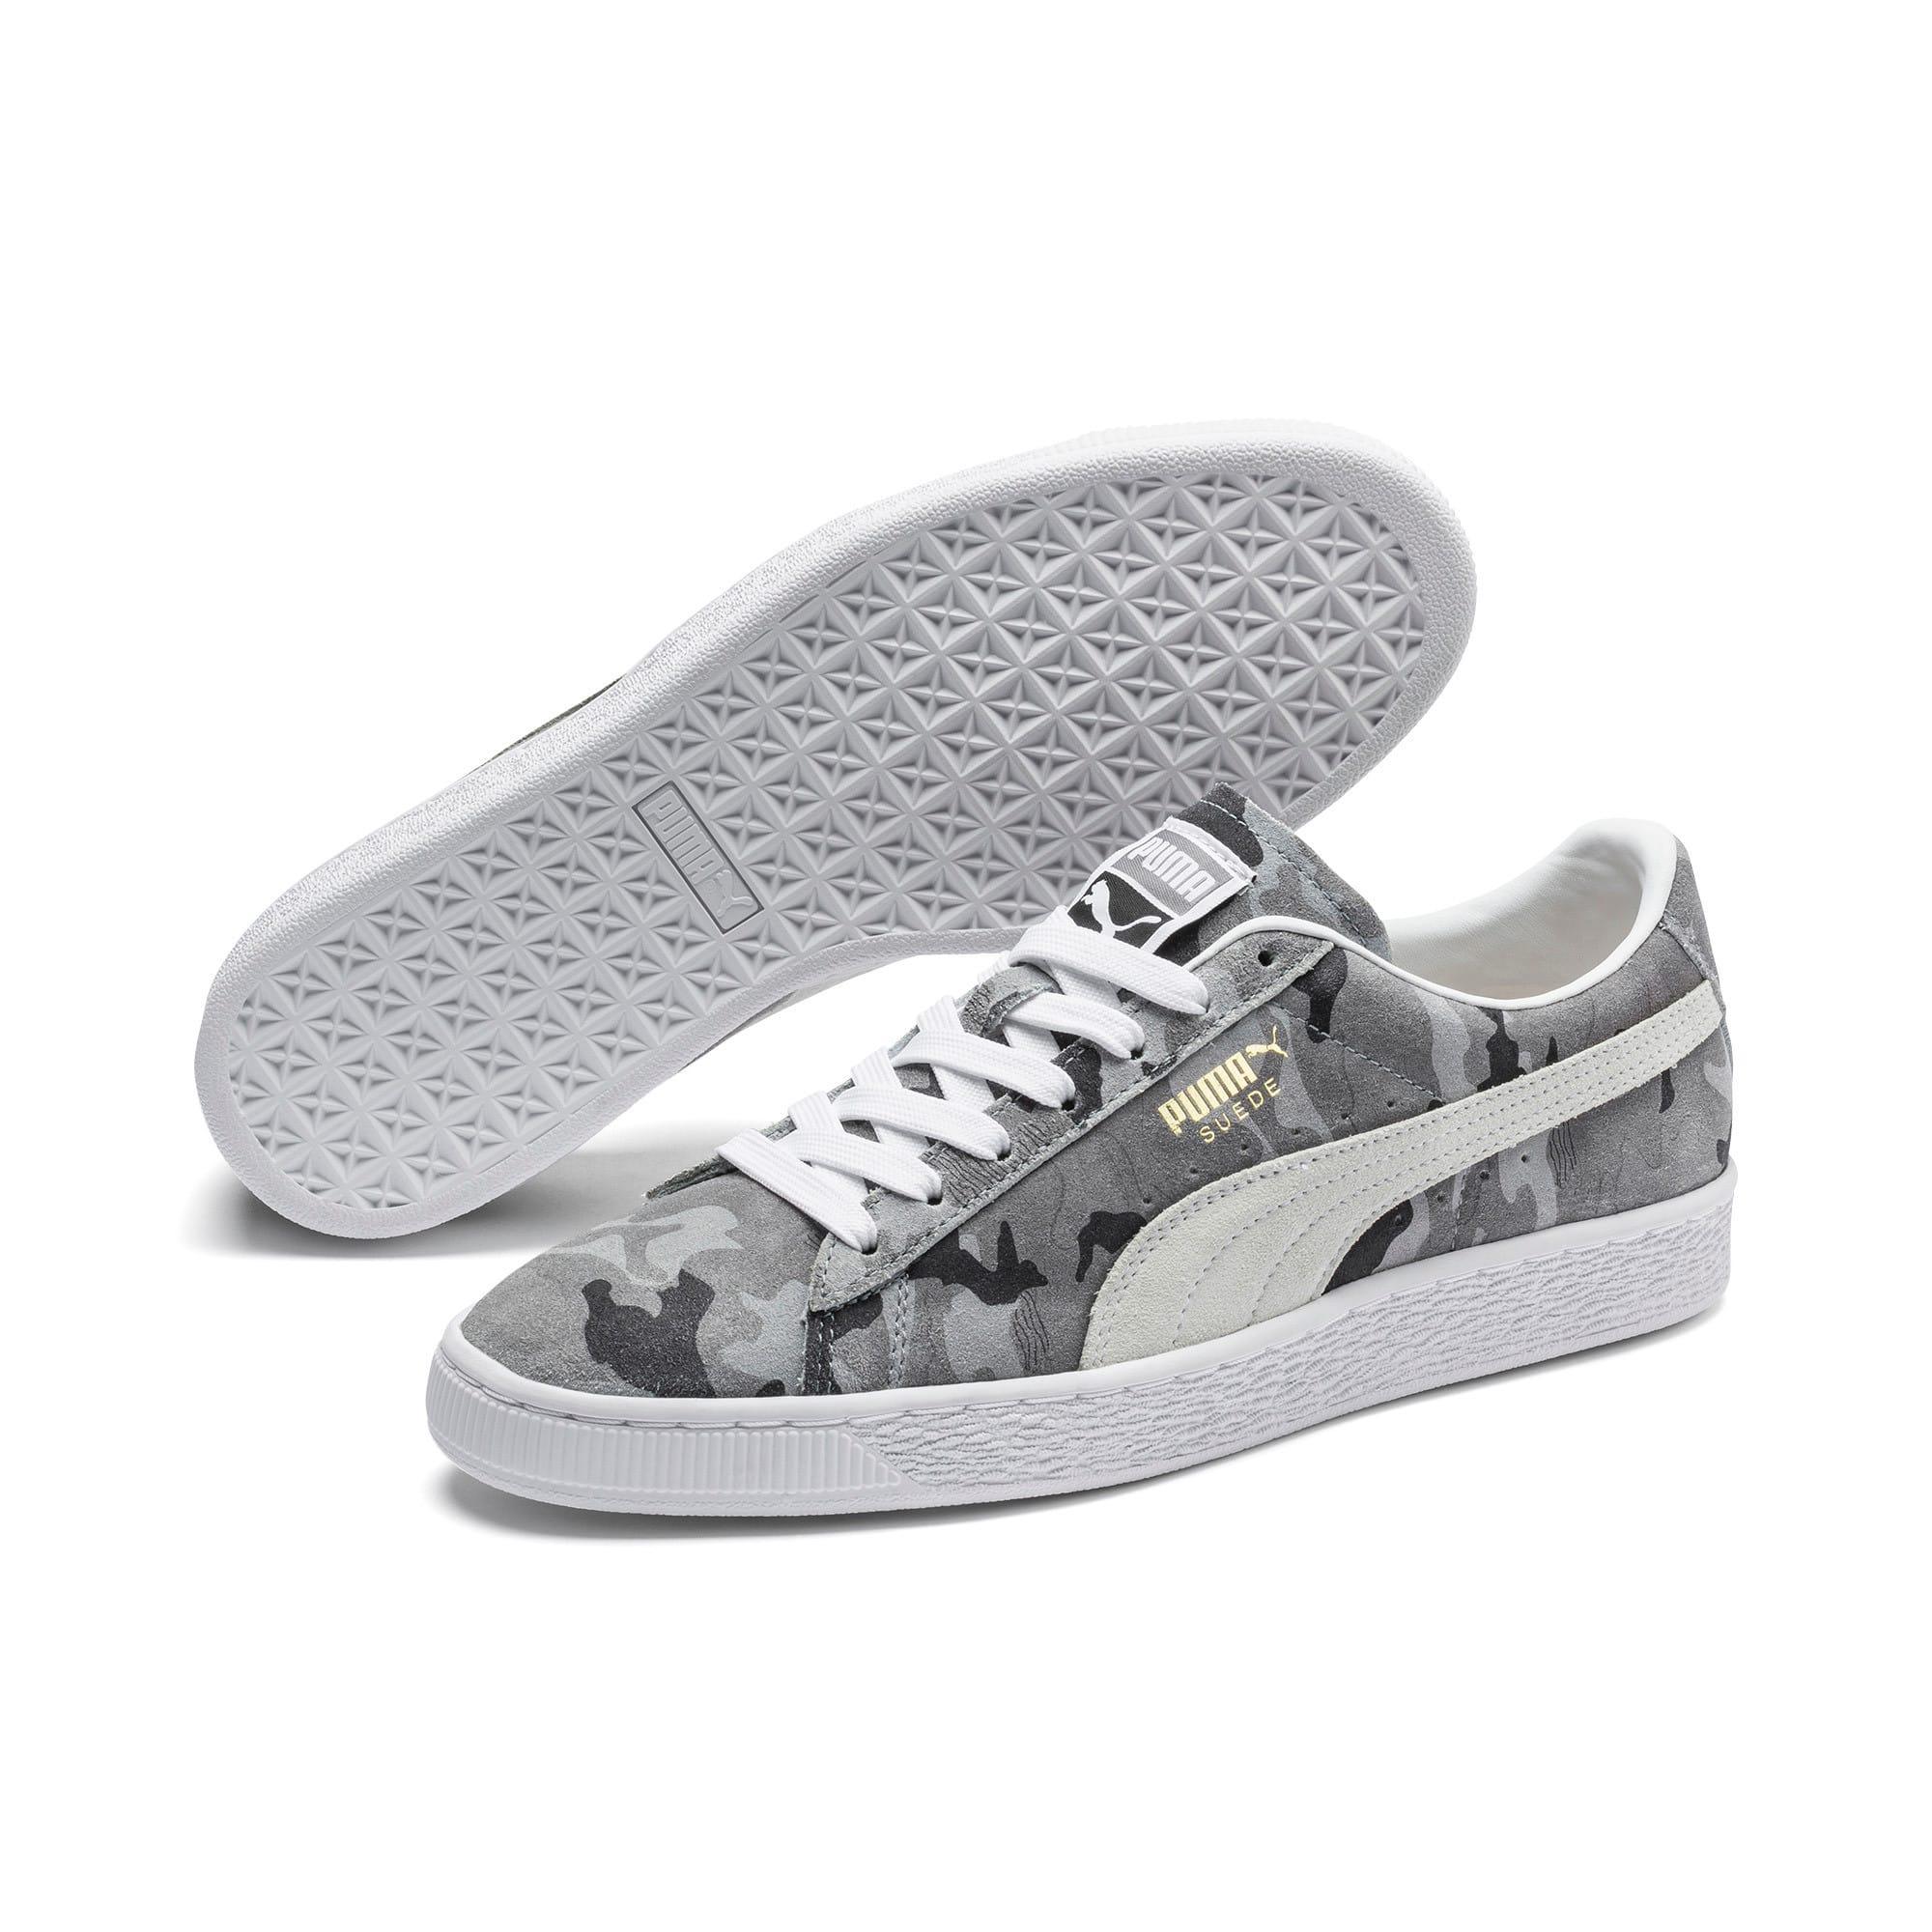 Miniatura 2 de Zapatos deportivos Suede Classic Ambush, Puma Black-CASTLEROCK-White, mediano